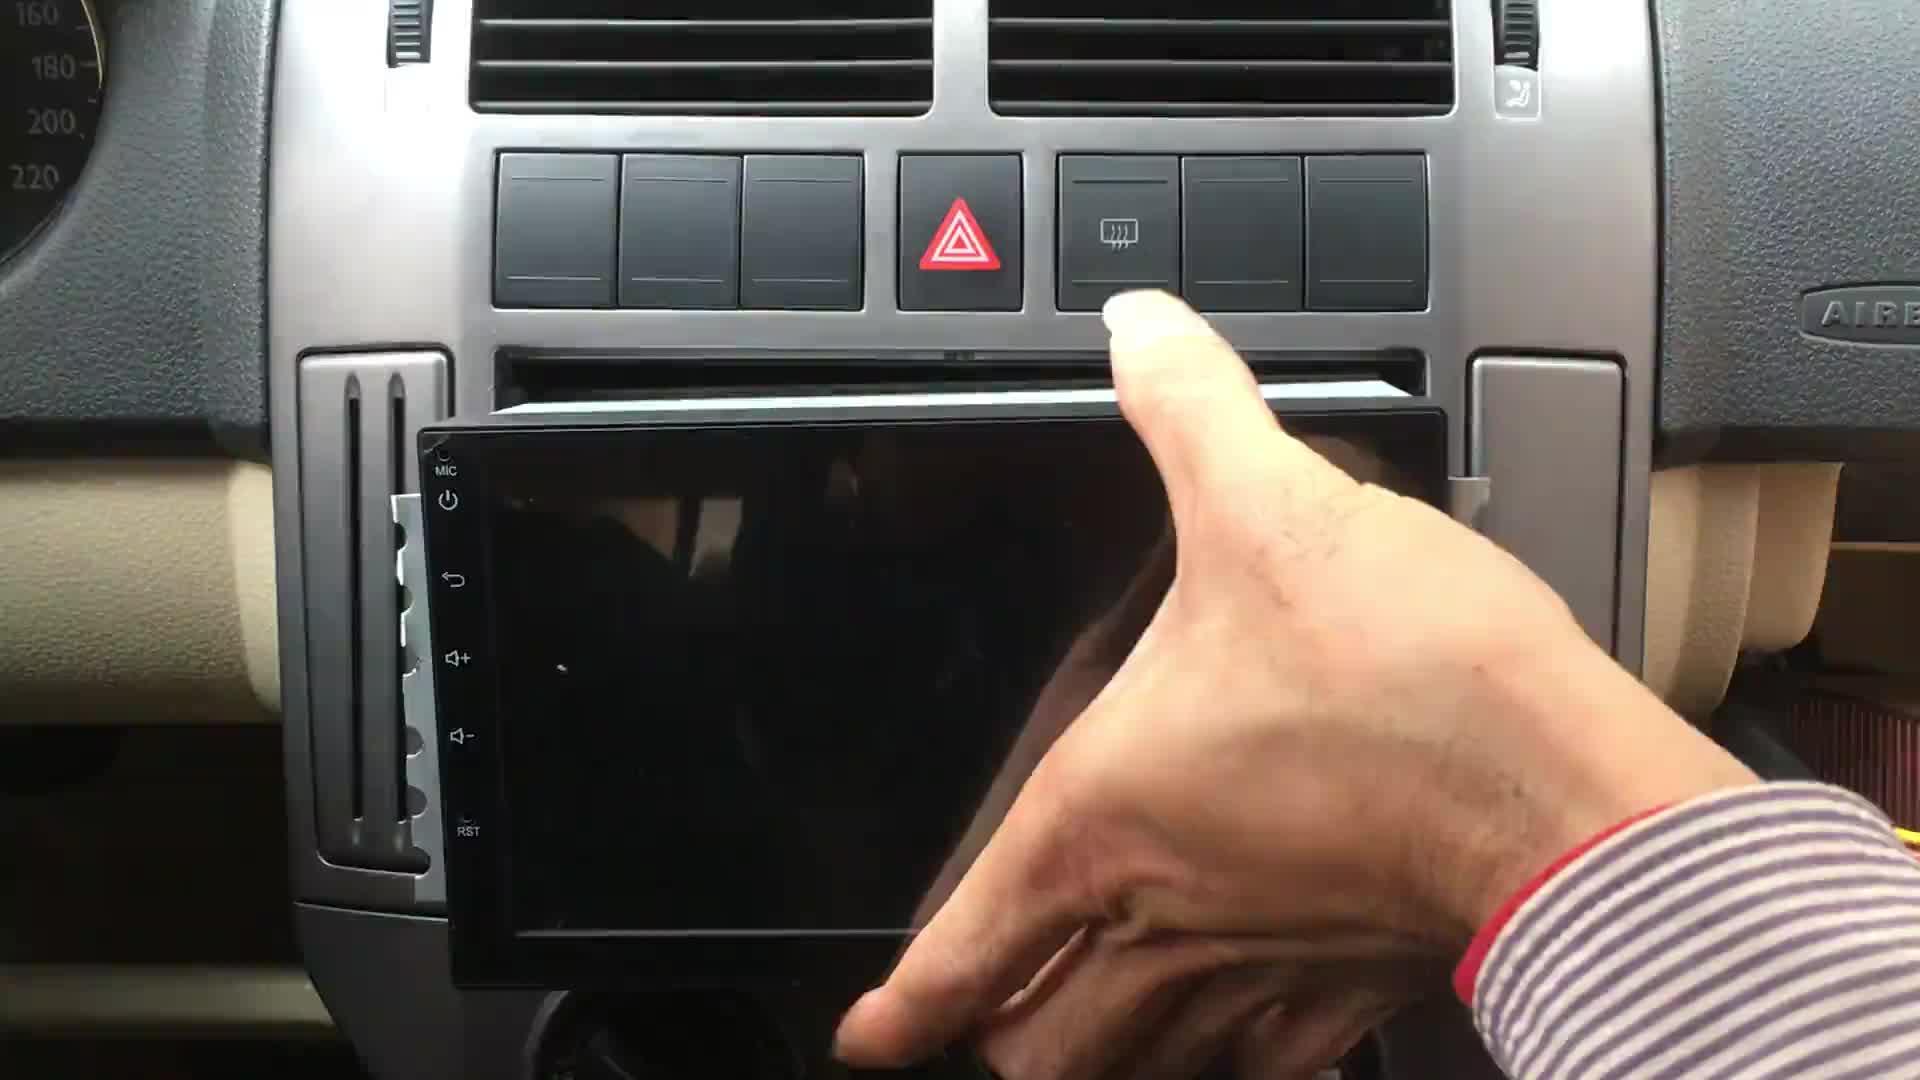 D004 Plug & Play sistema DSP Sound Box saggio EQ audio amplificatore auto 45 W * 4, nessun cablaggio taglio, no speaker di ricambio